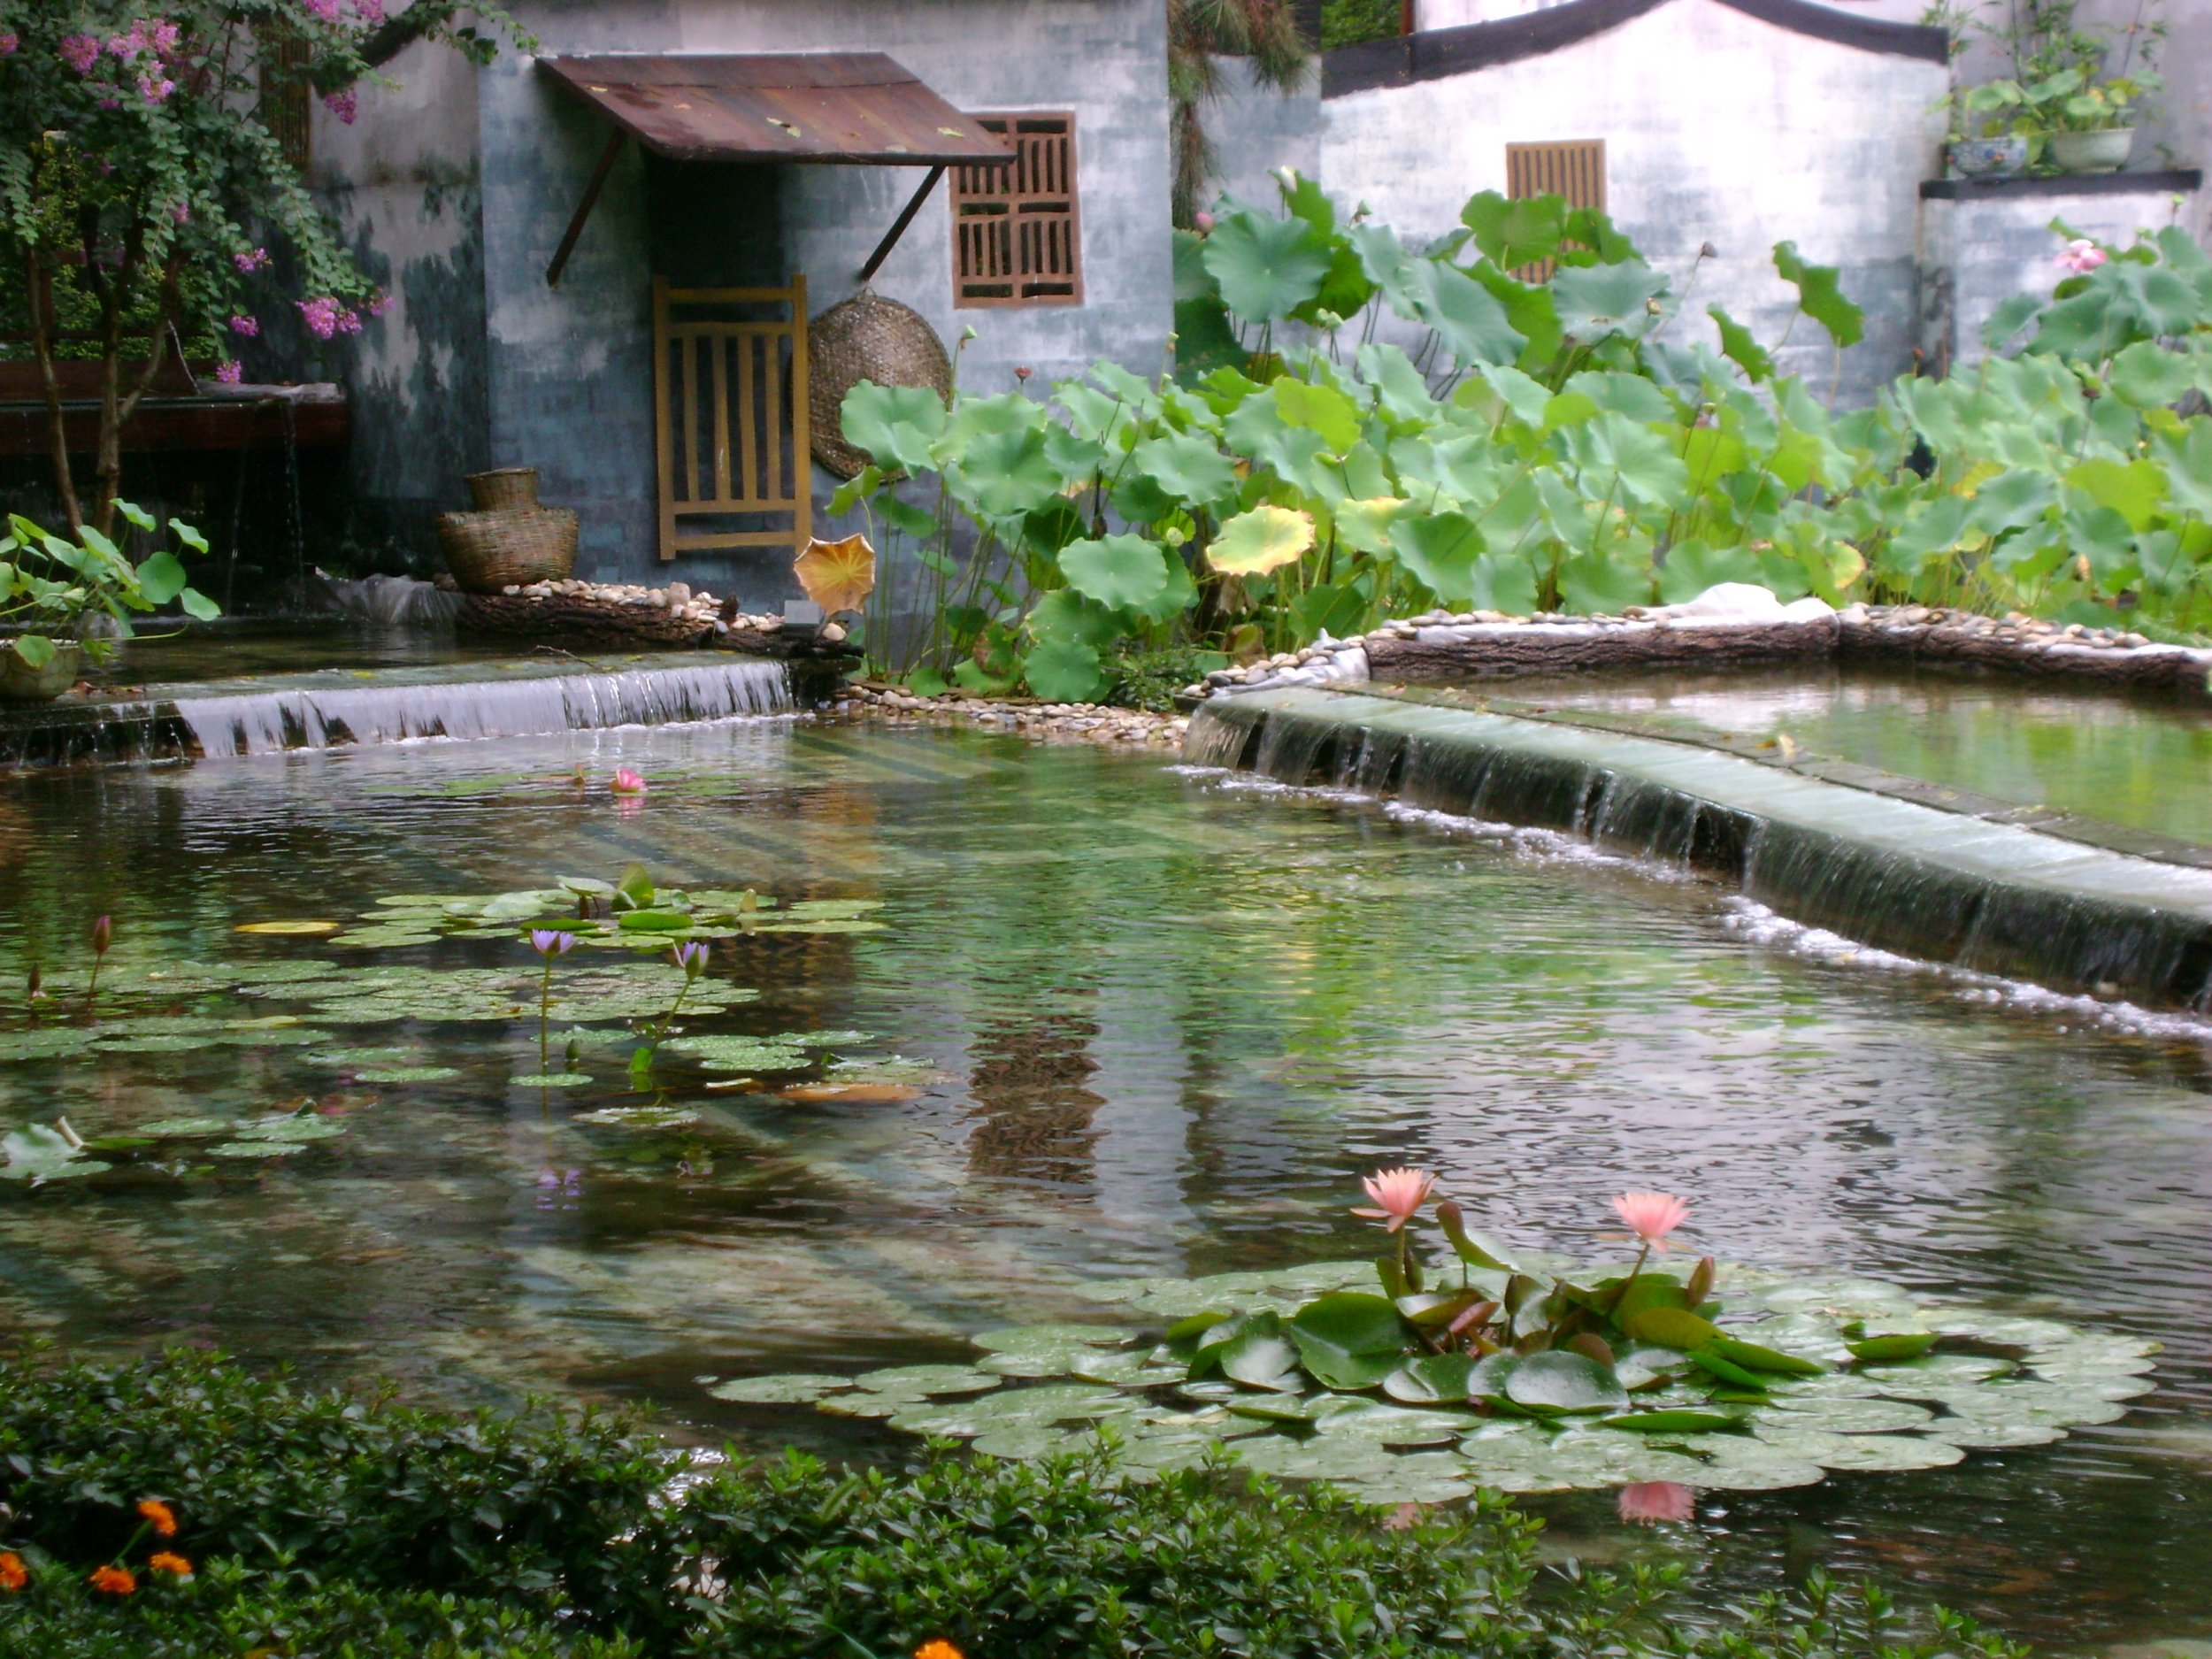 giardino cinese maria nobili premio celeste 2011